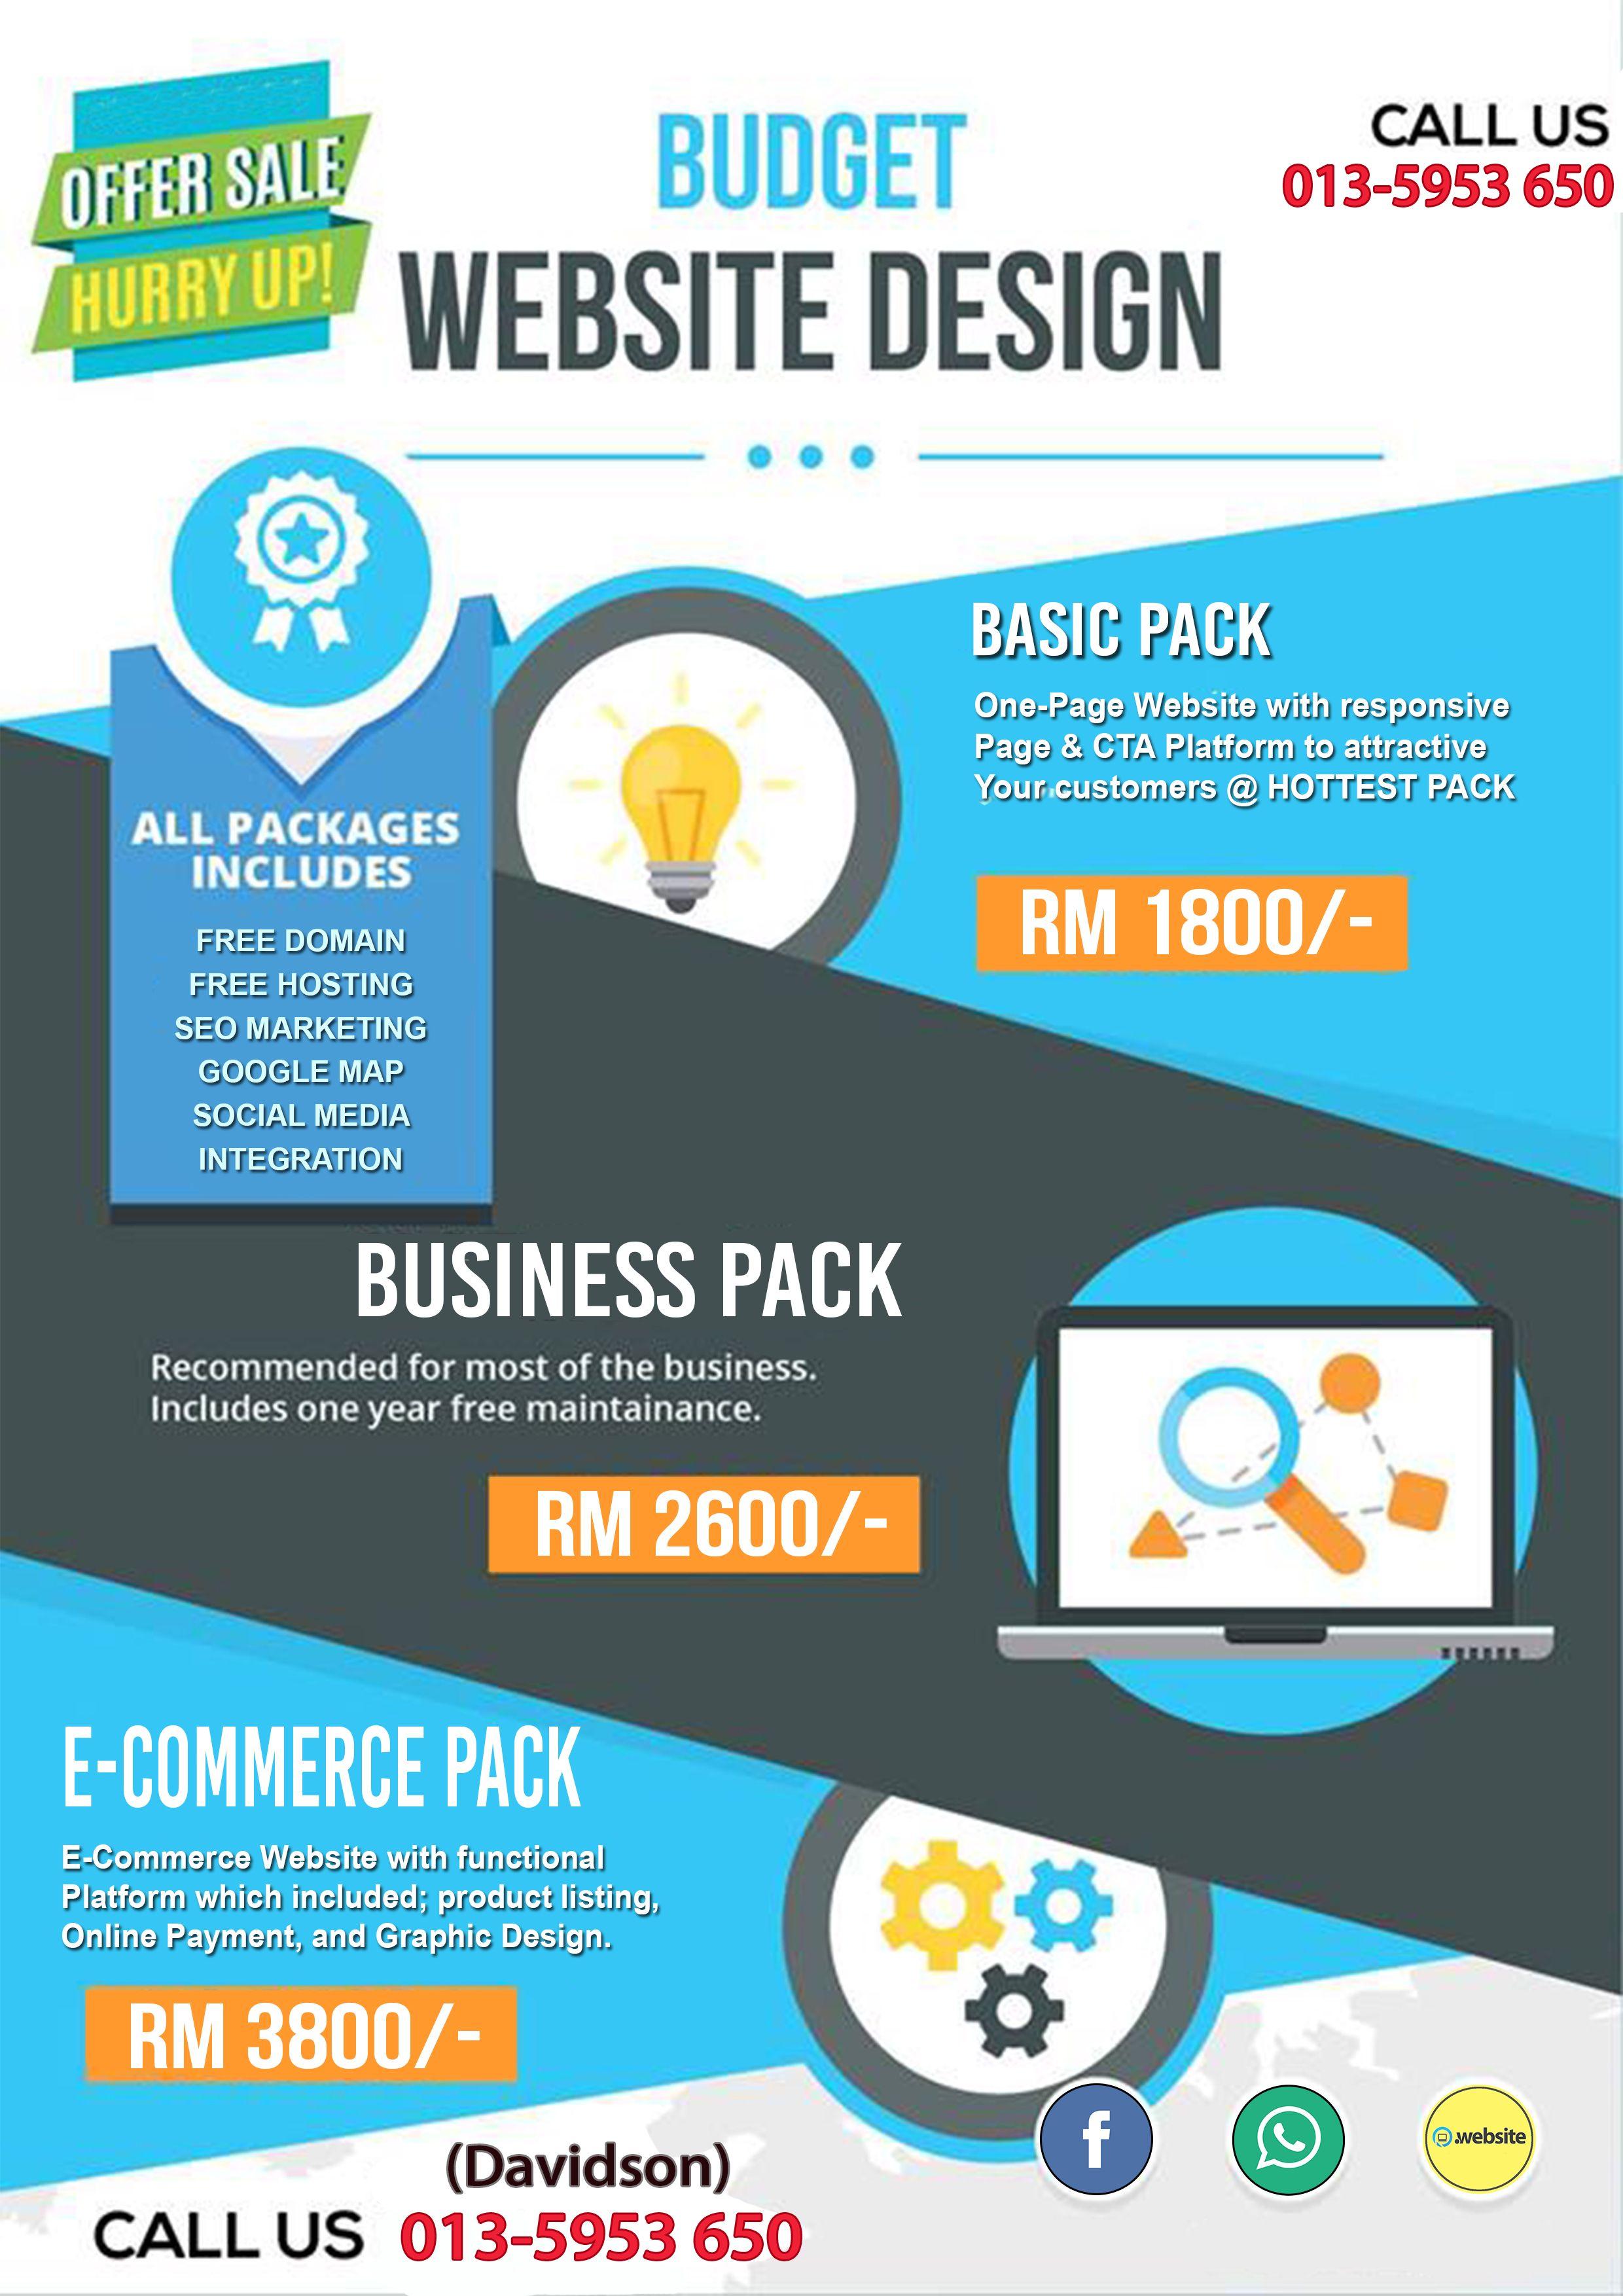 Most Affordable Website Design Affordable Website Design Social Media Integration Website Promotion